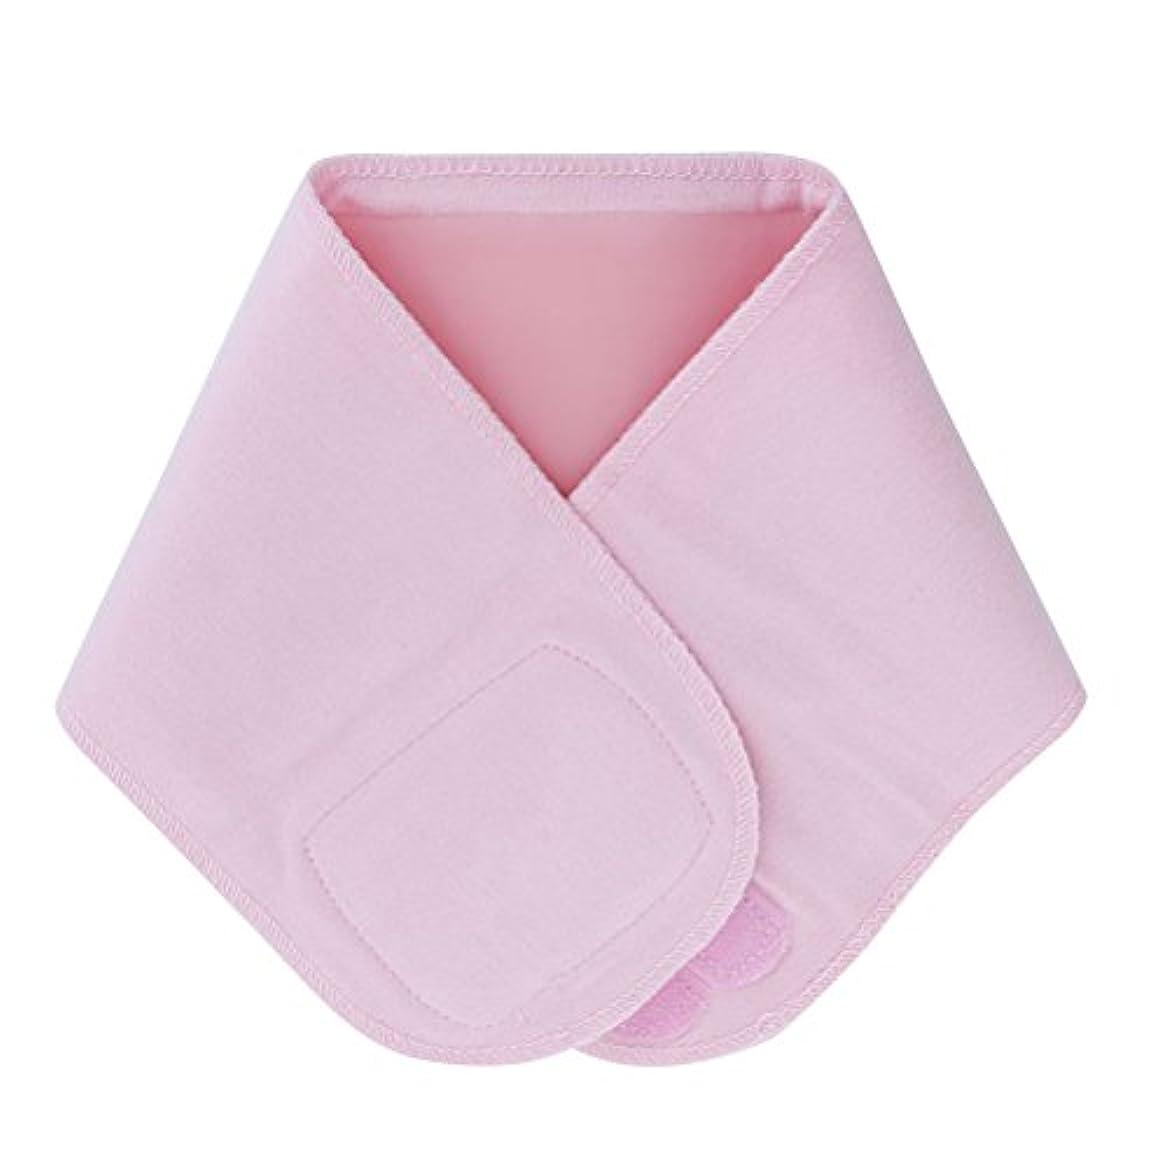 Lurrose ジェルネックラップ伸縮性保湿スムースホワイトニングネックスキンアンチリンクルカラー(ピンク)